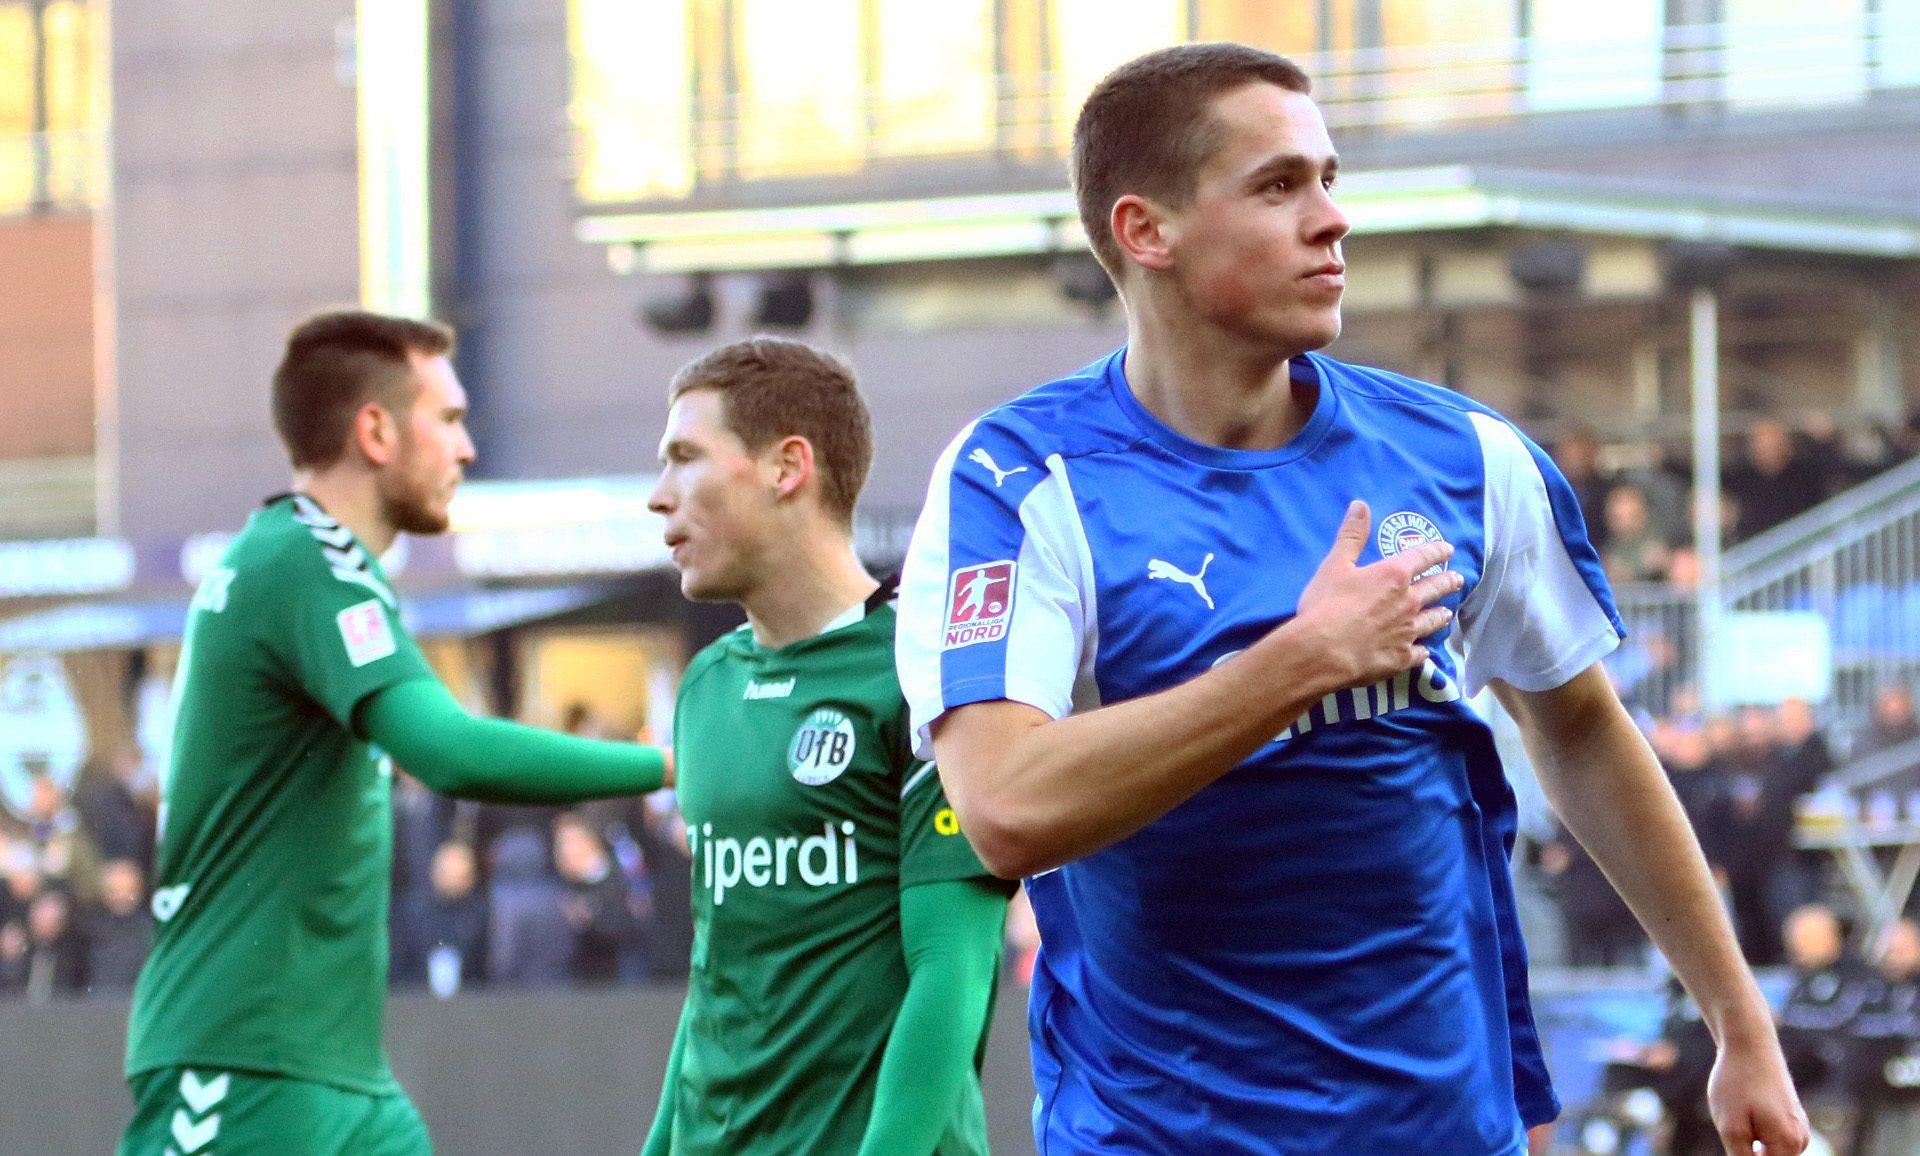 Sander jubelt nach seinem Ausgleichstreffer gegen den VfB Lübeck